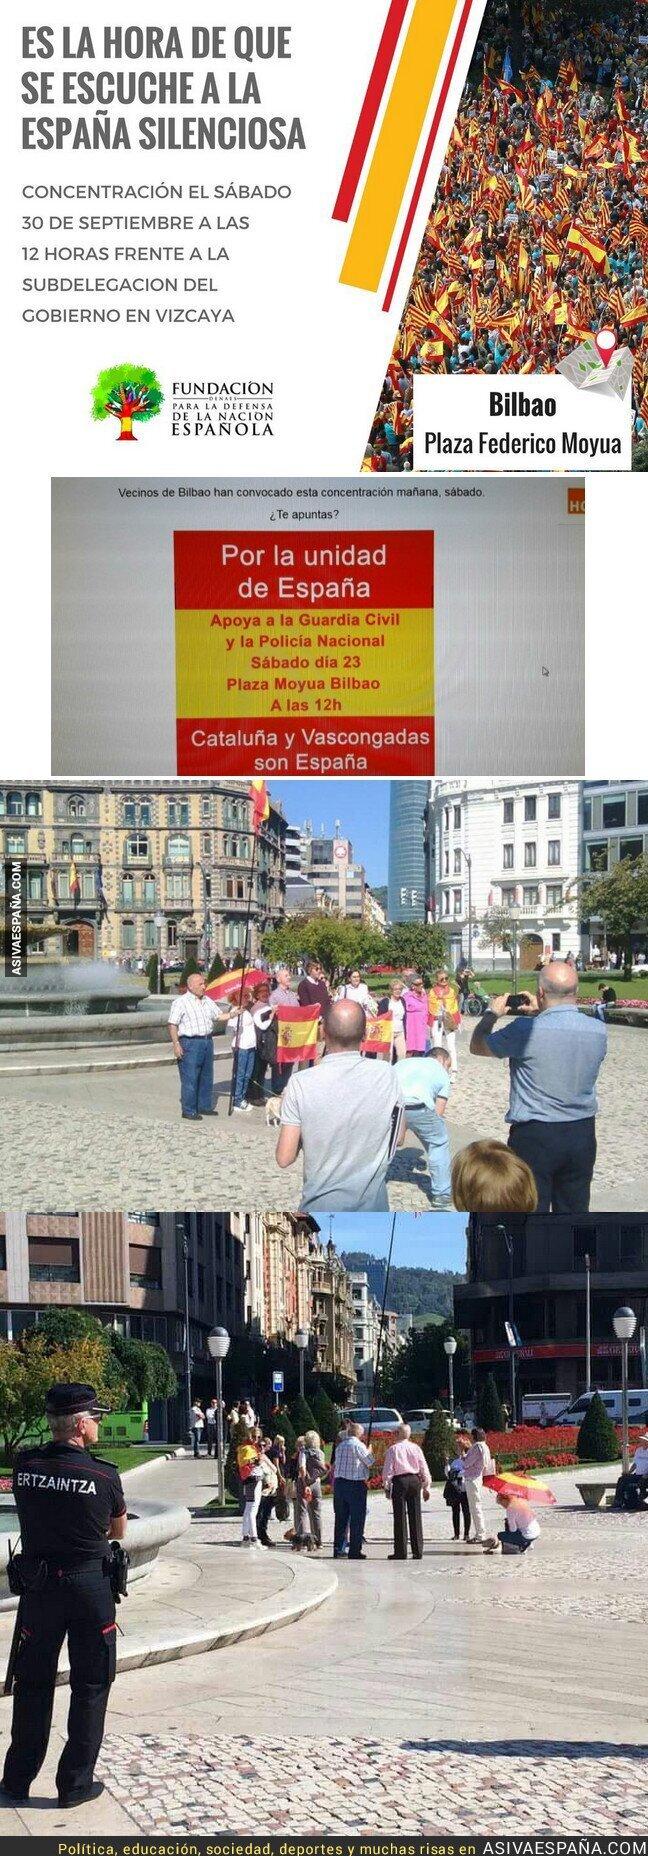 75521 - Monumental éxito en quedada por la unidad de España